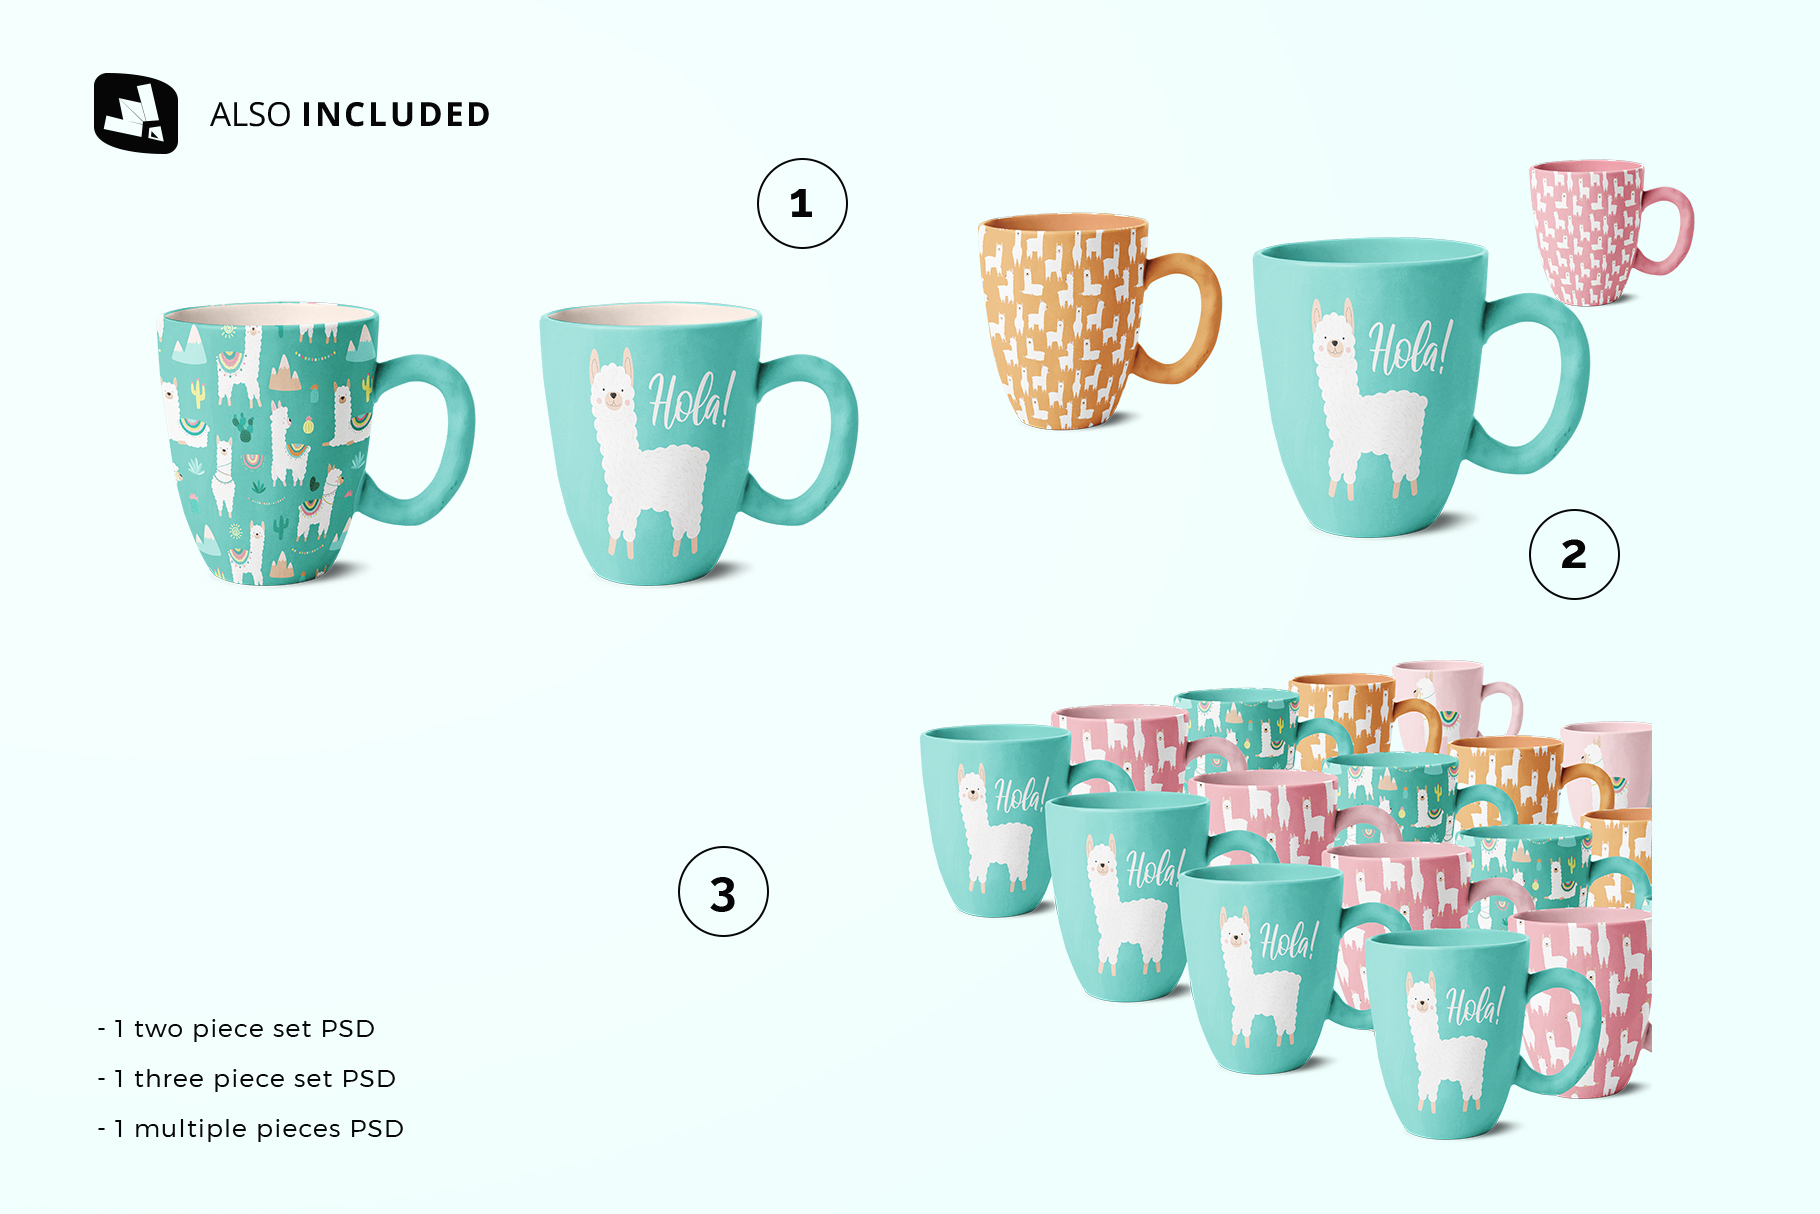 files included in the ceramic mug set mockup